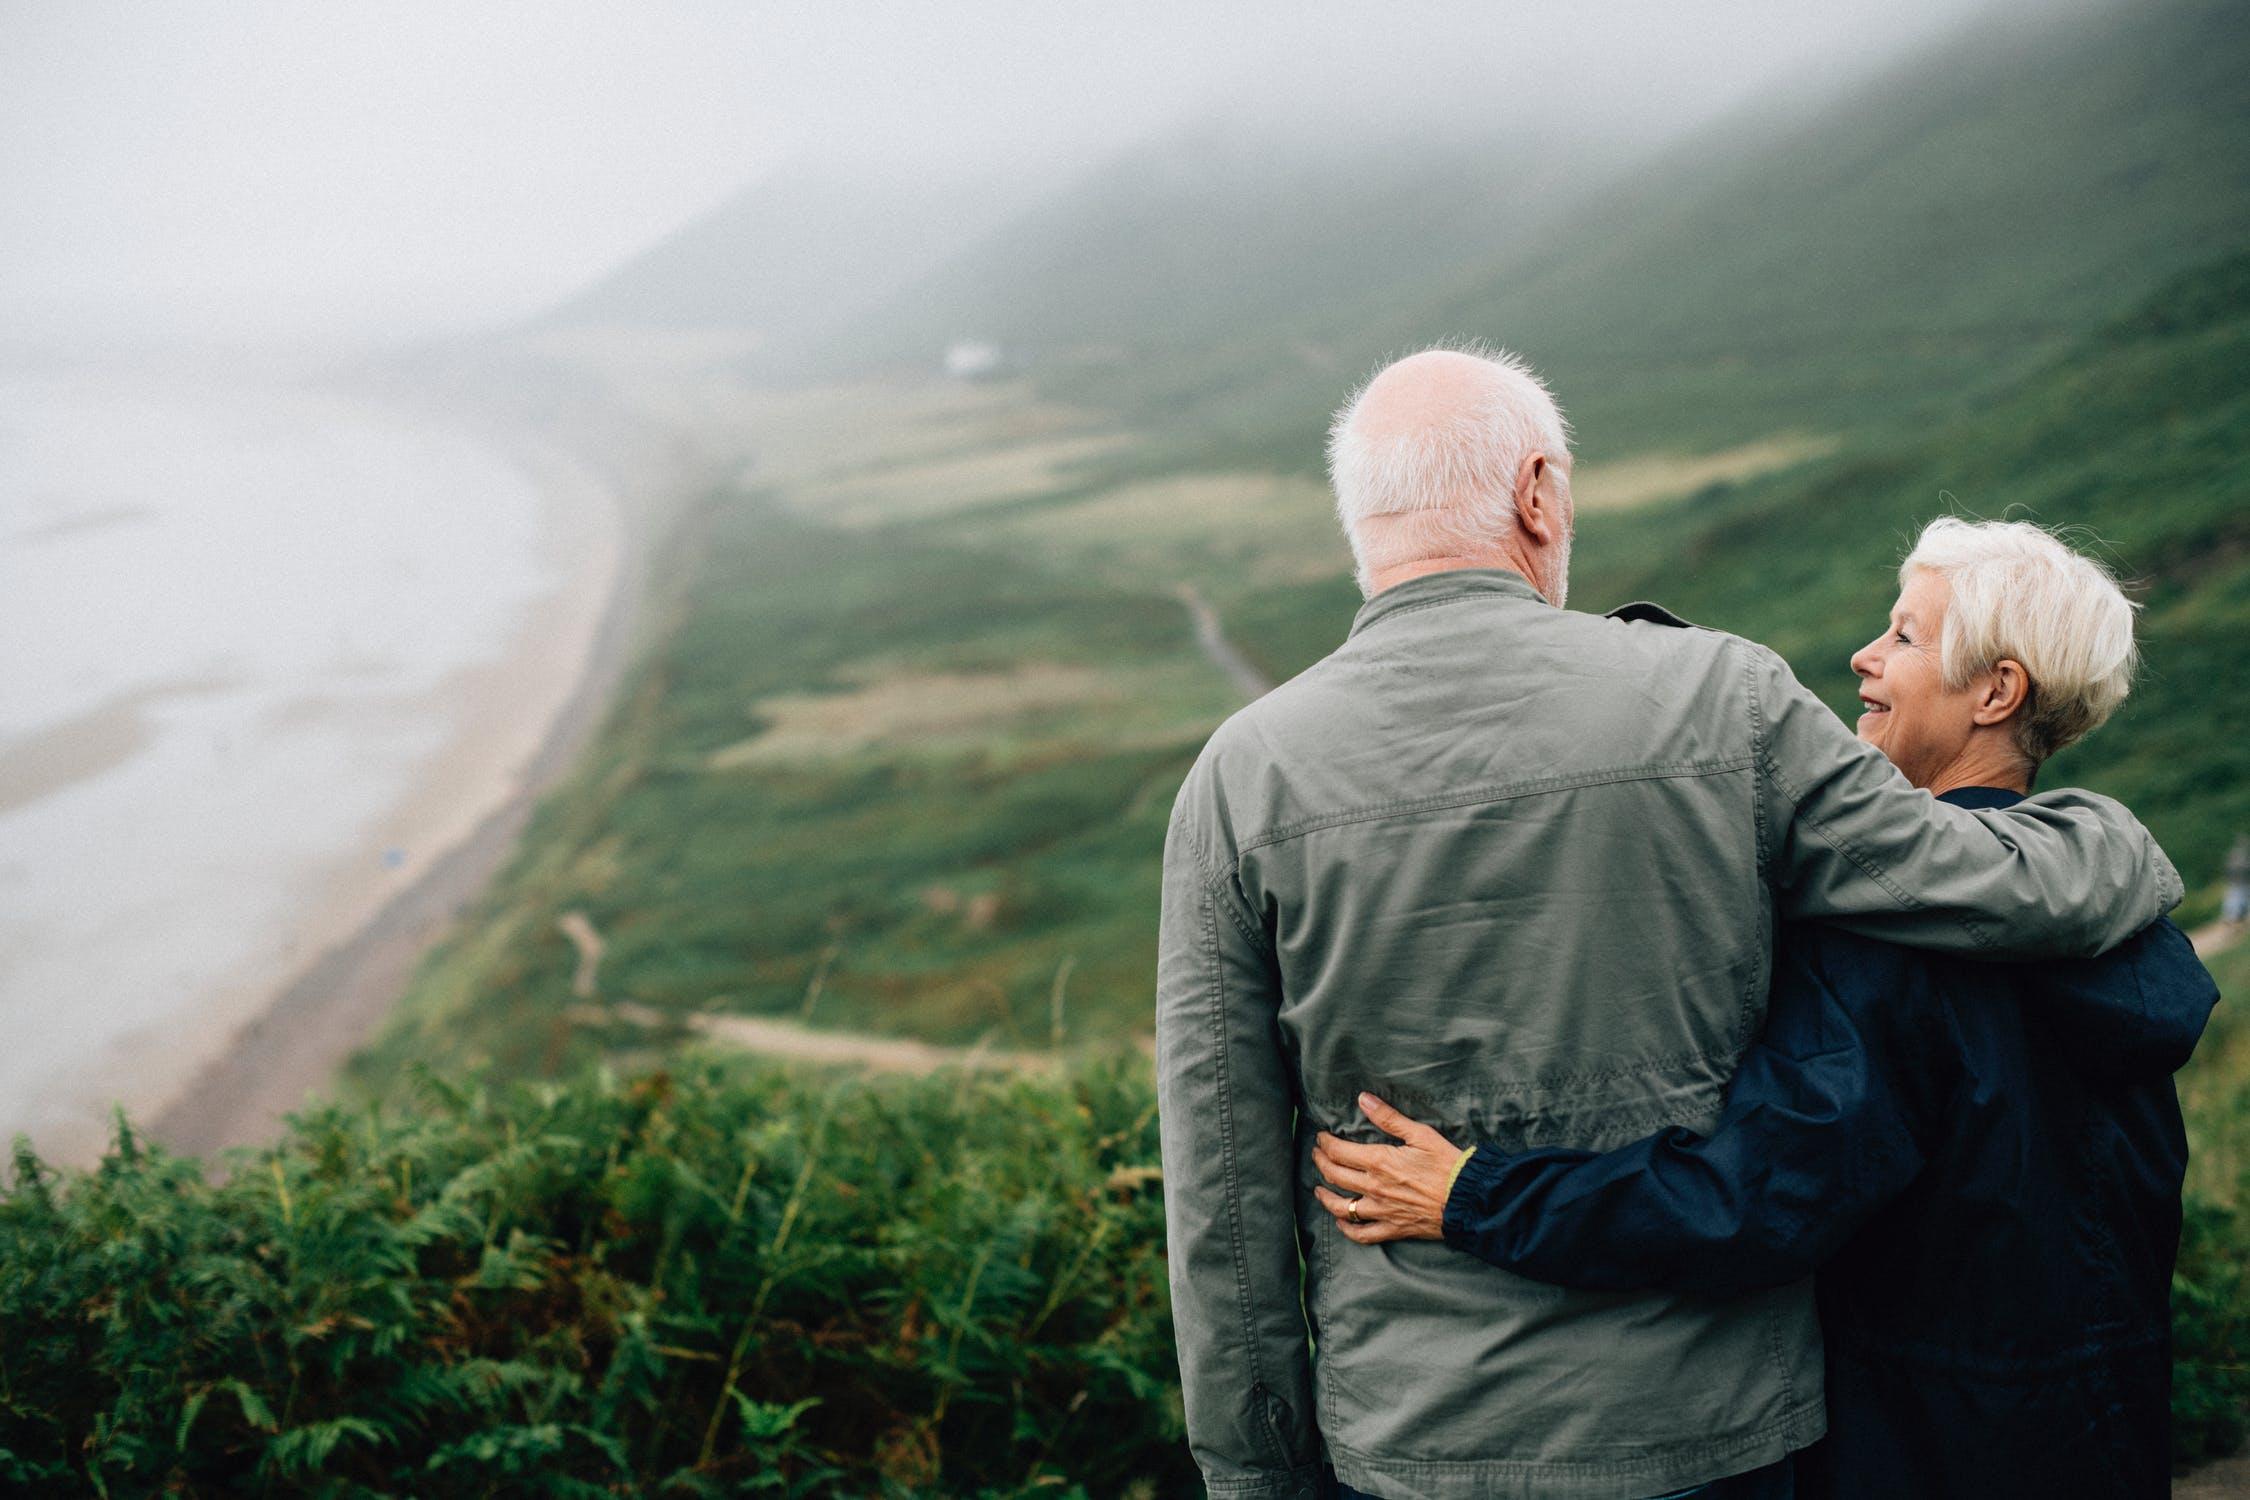 Dům spečovatelskou službou nebo domov pro seniory? Rozdíly jsou značné